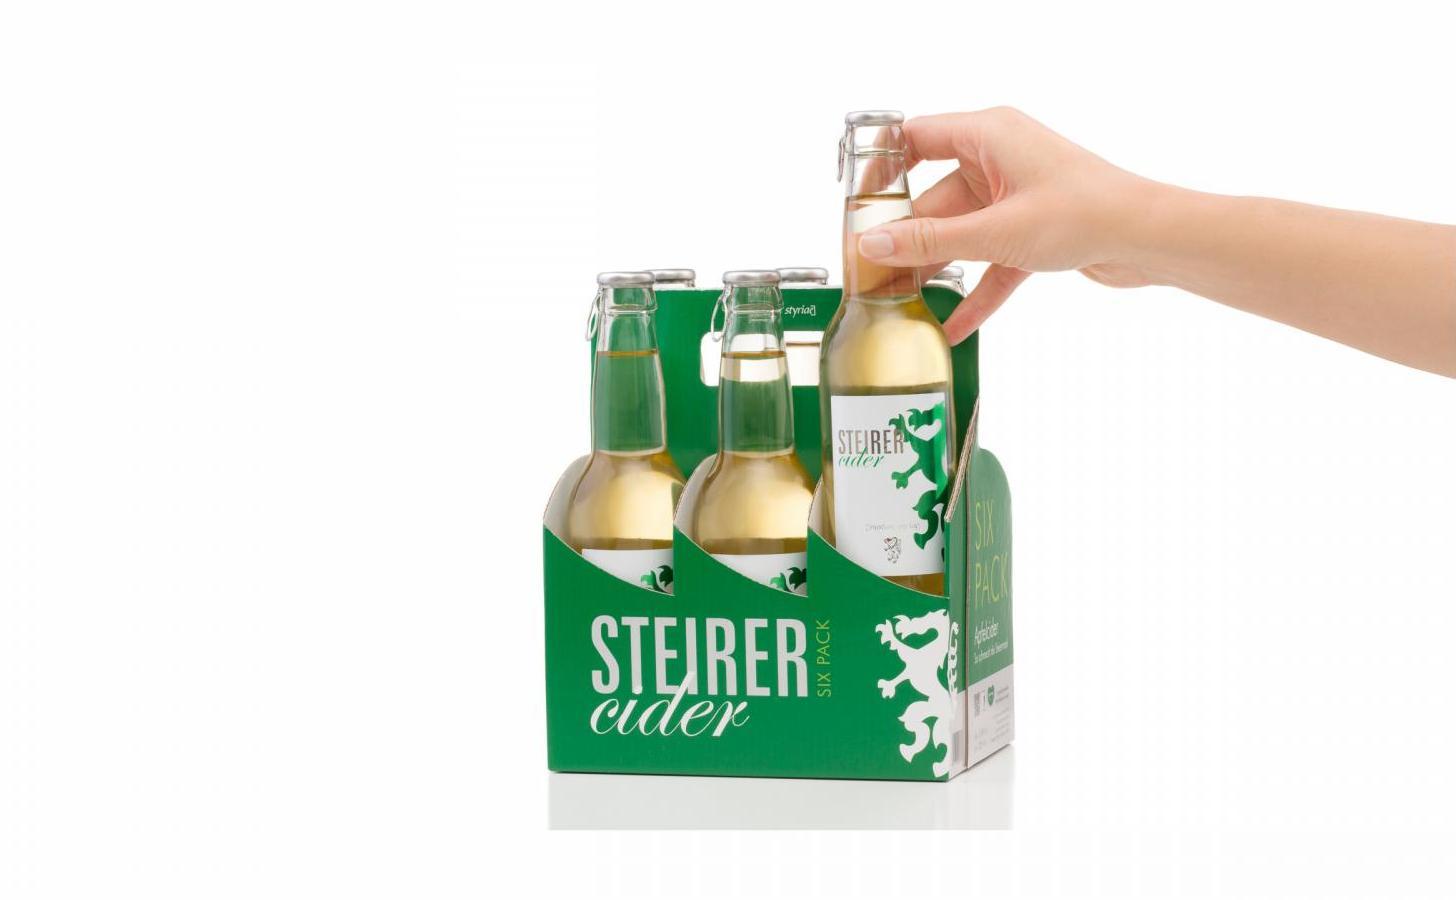 Steirer Cider